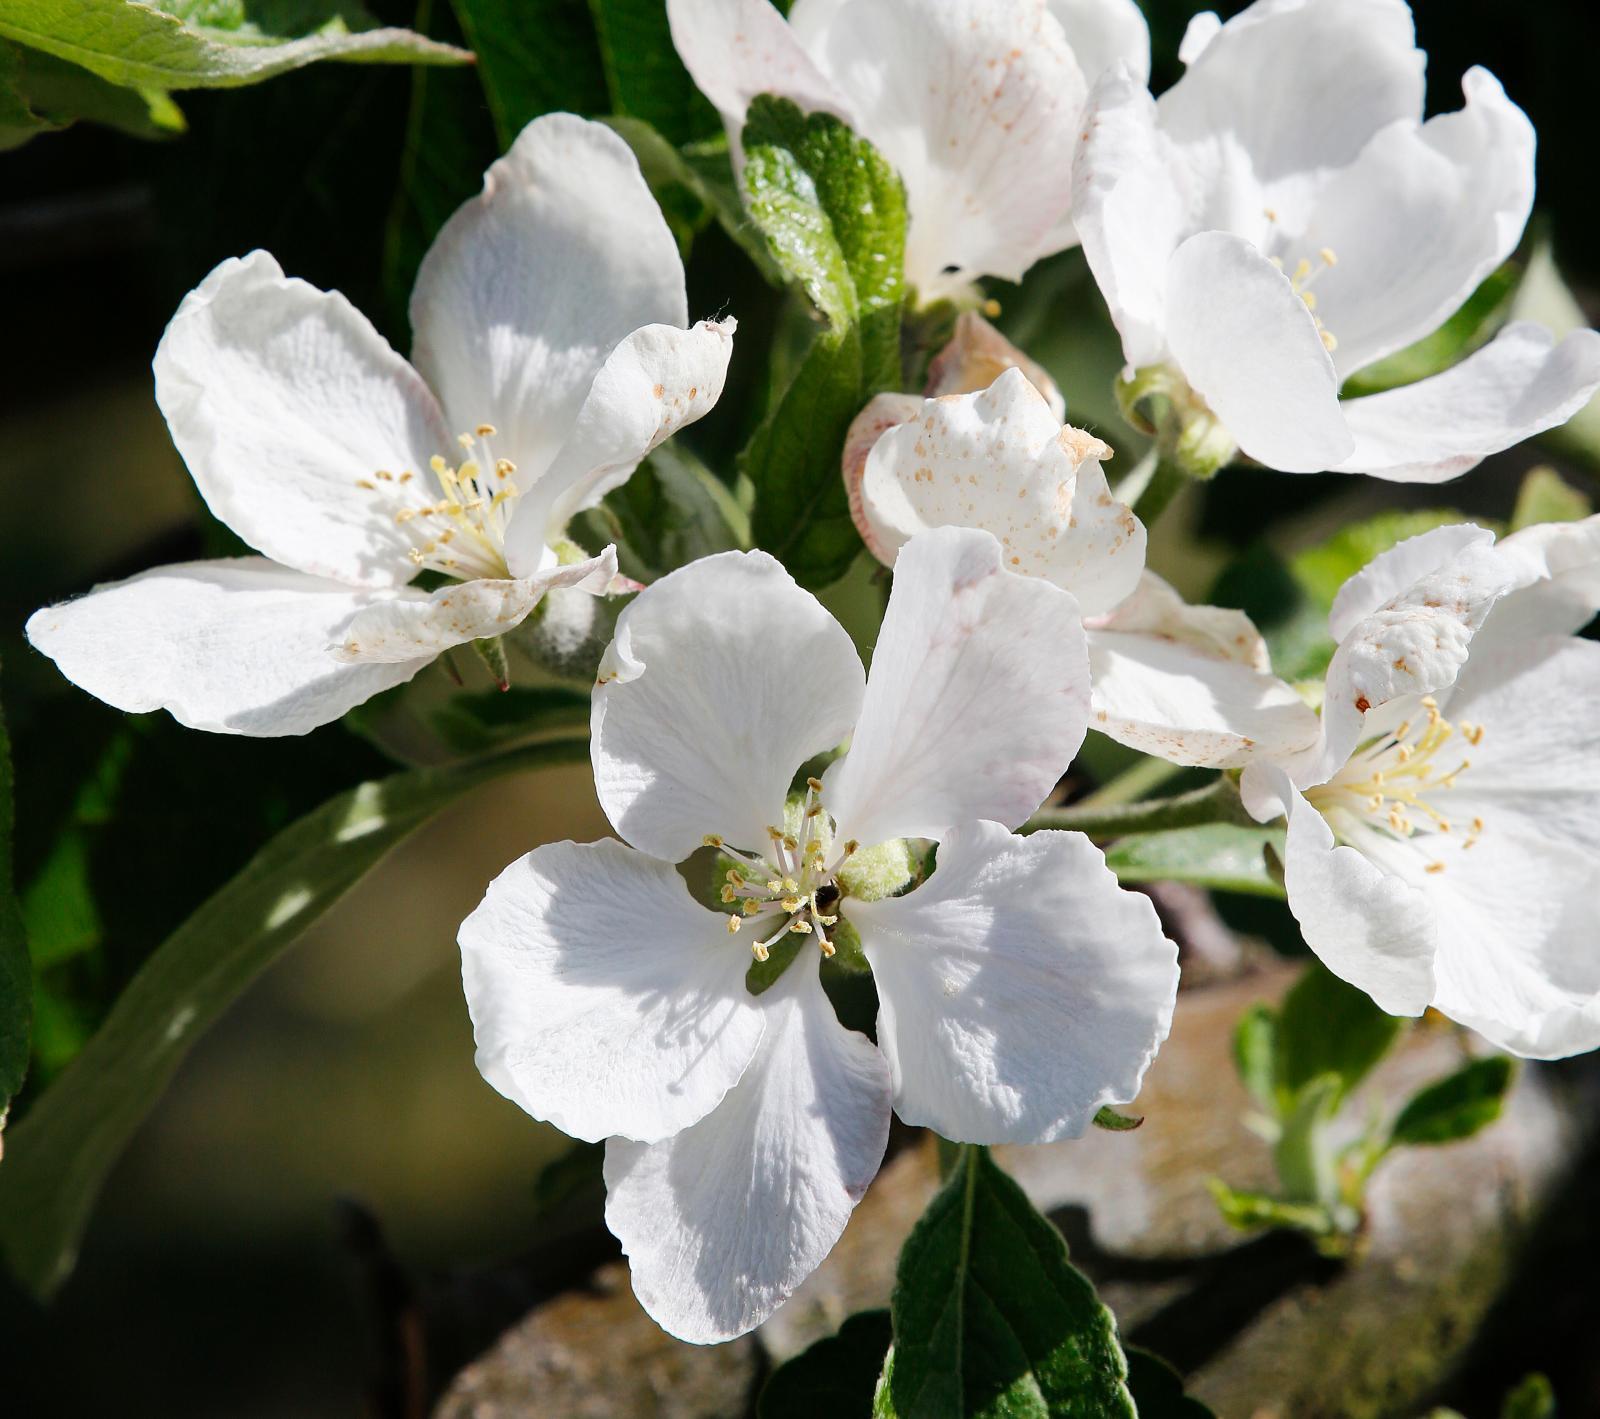 Sen blomning minskar risken för frostskador och ger bättre skörd.